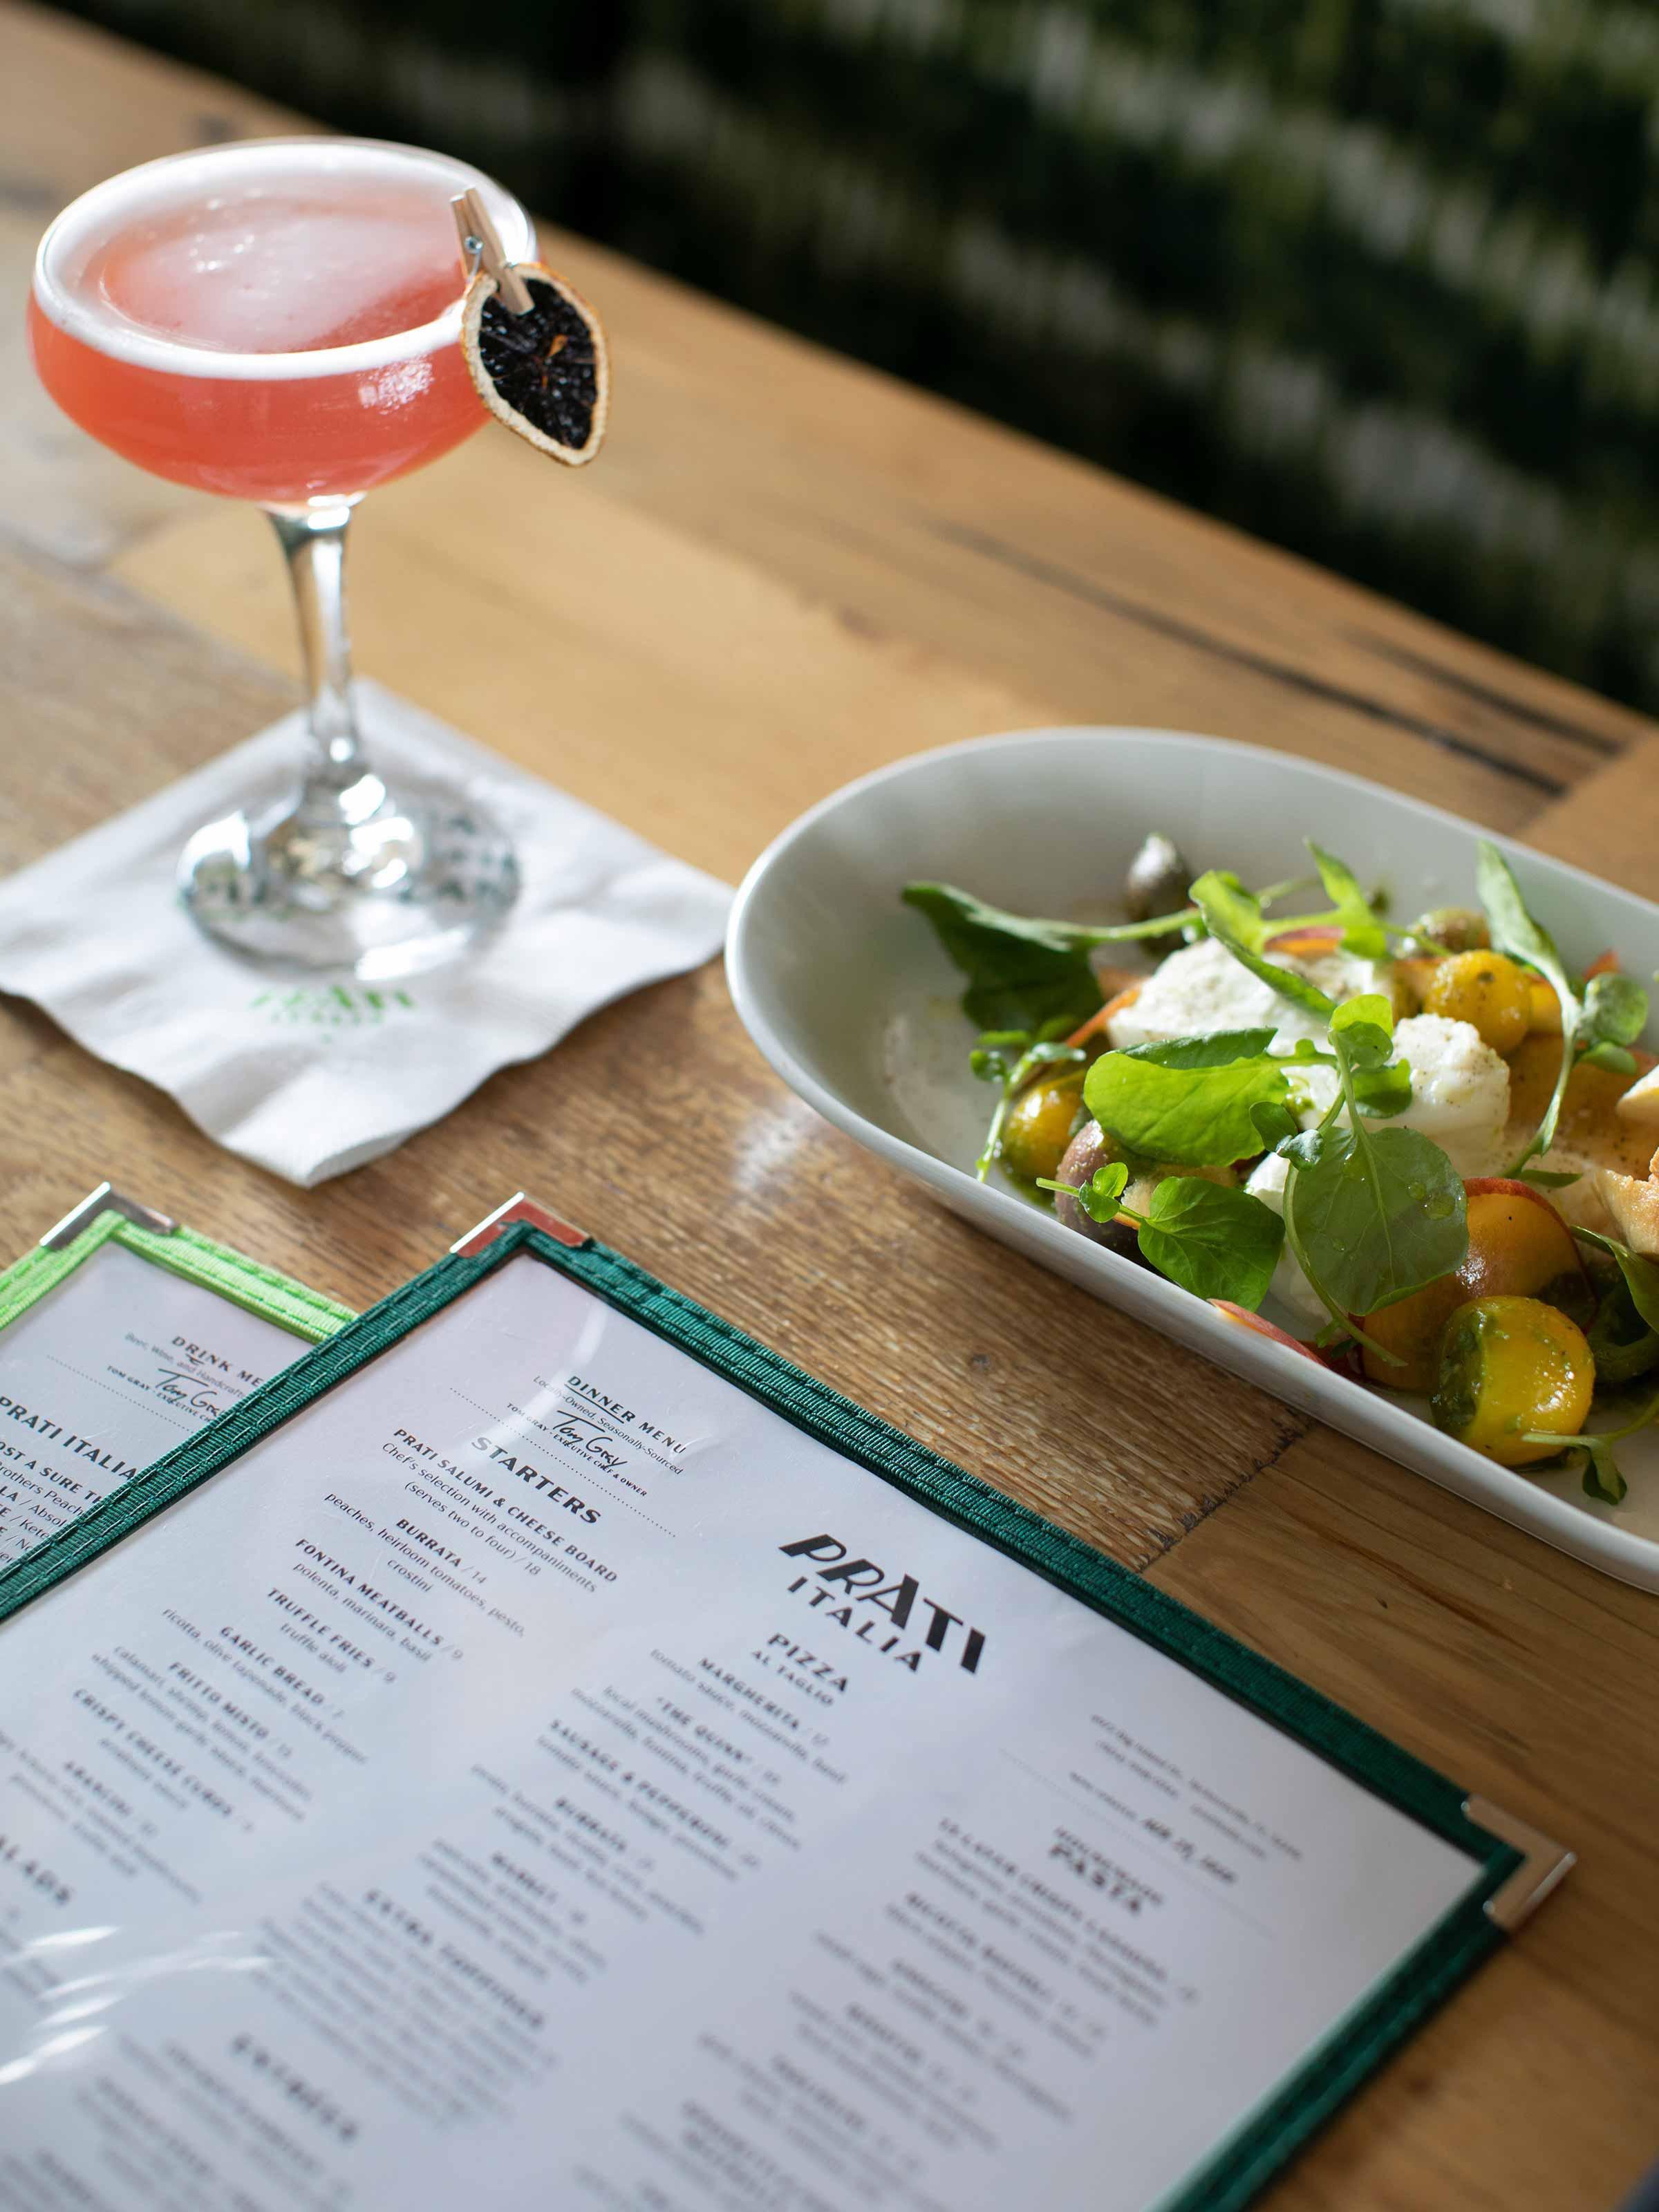 Photo of menus, appetizer, and cocktail at Prati Italia